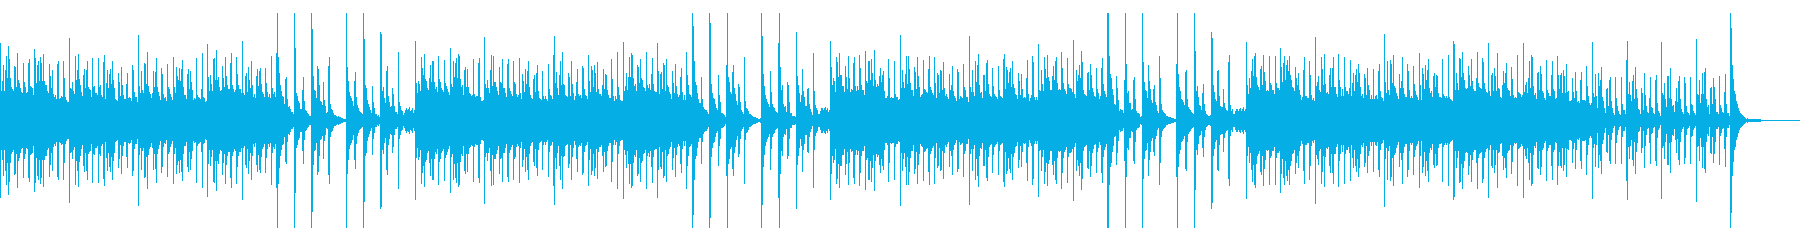 ほのぼの・温かい・ペット・カリンバの再生済みの波形